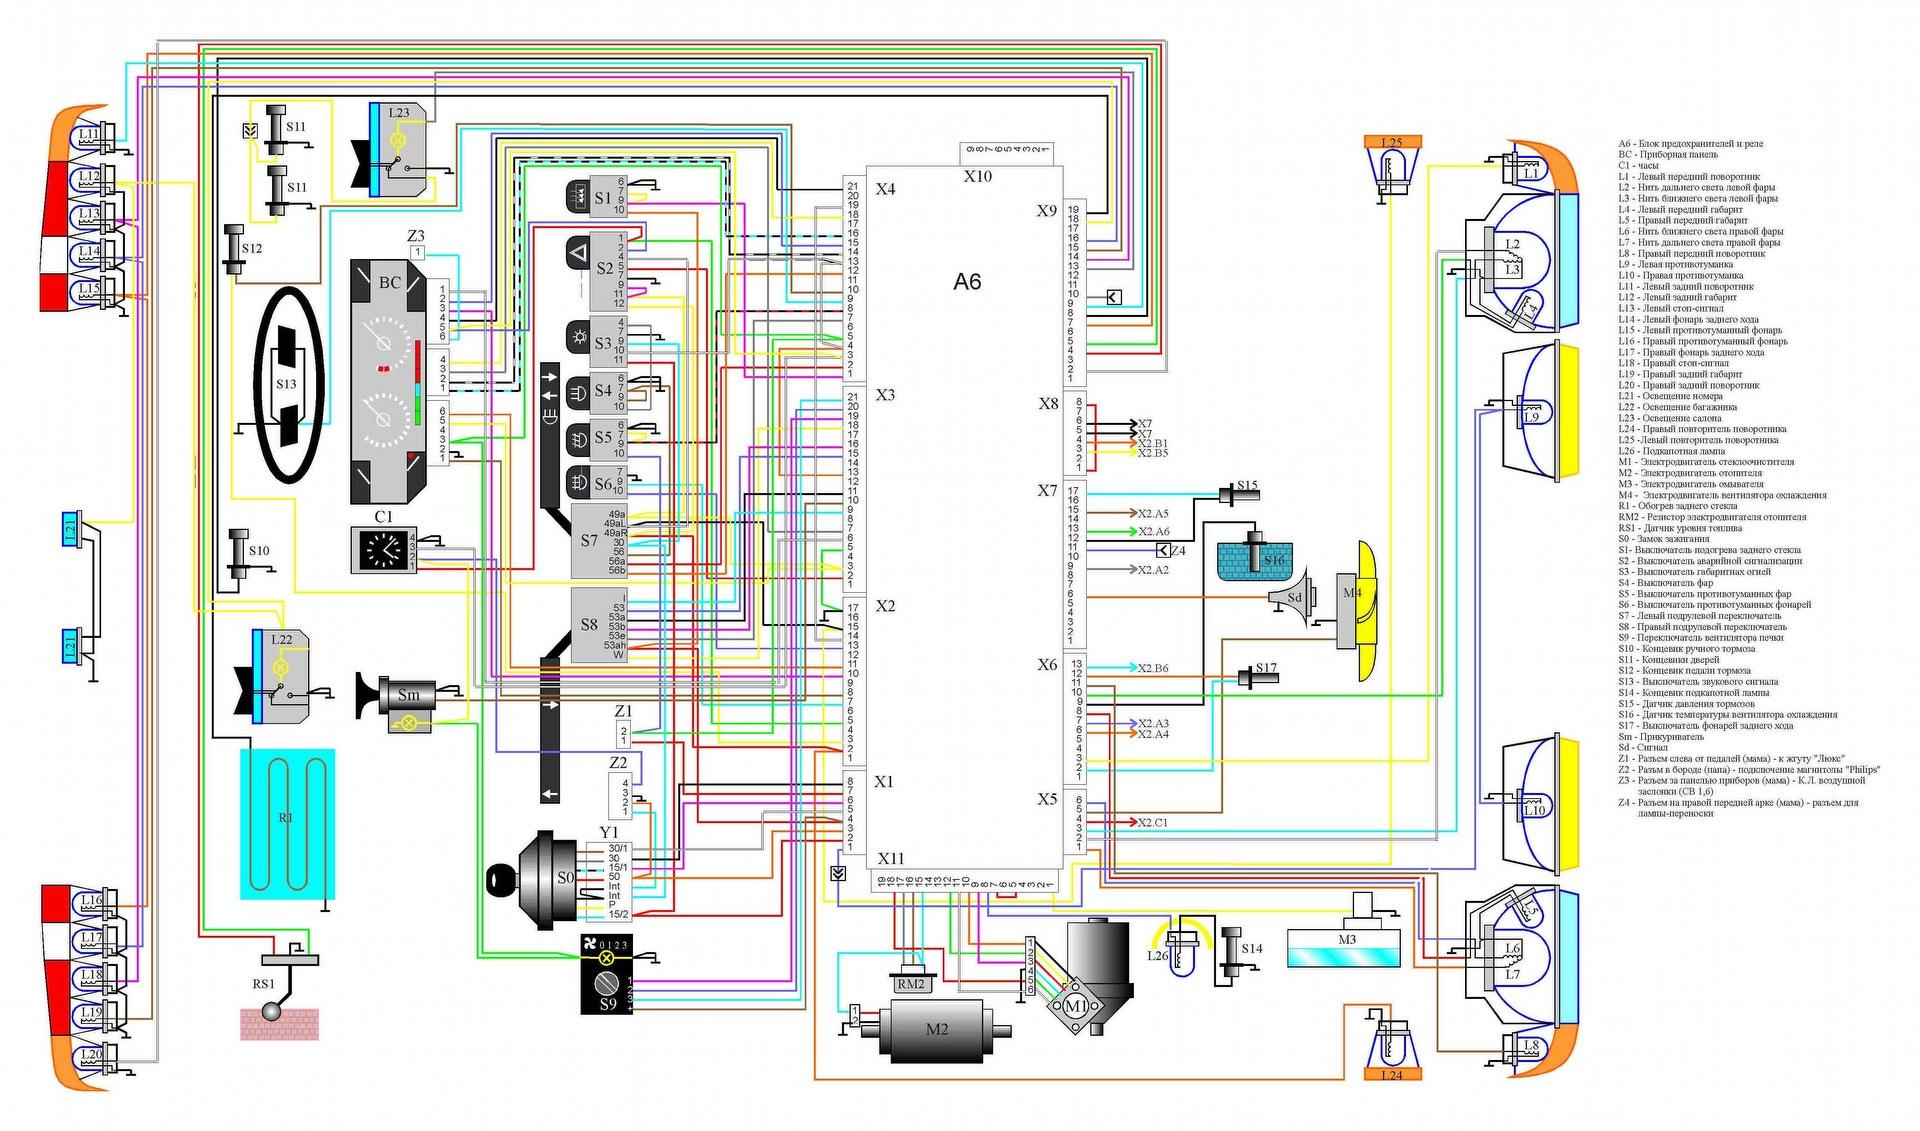 2141 москвич схема подключения тахометра